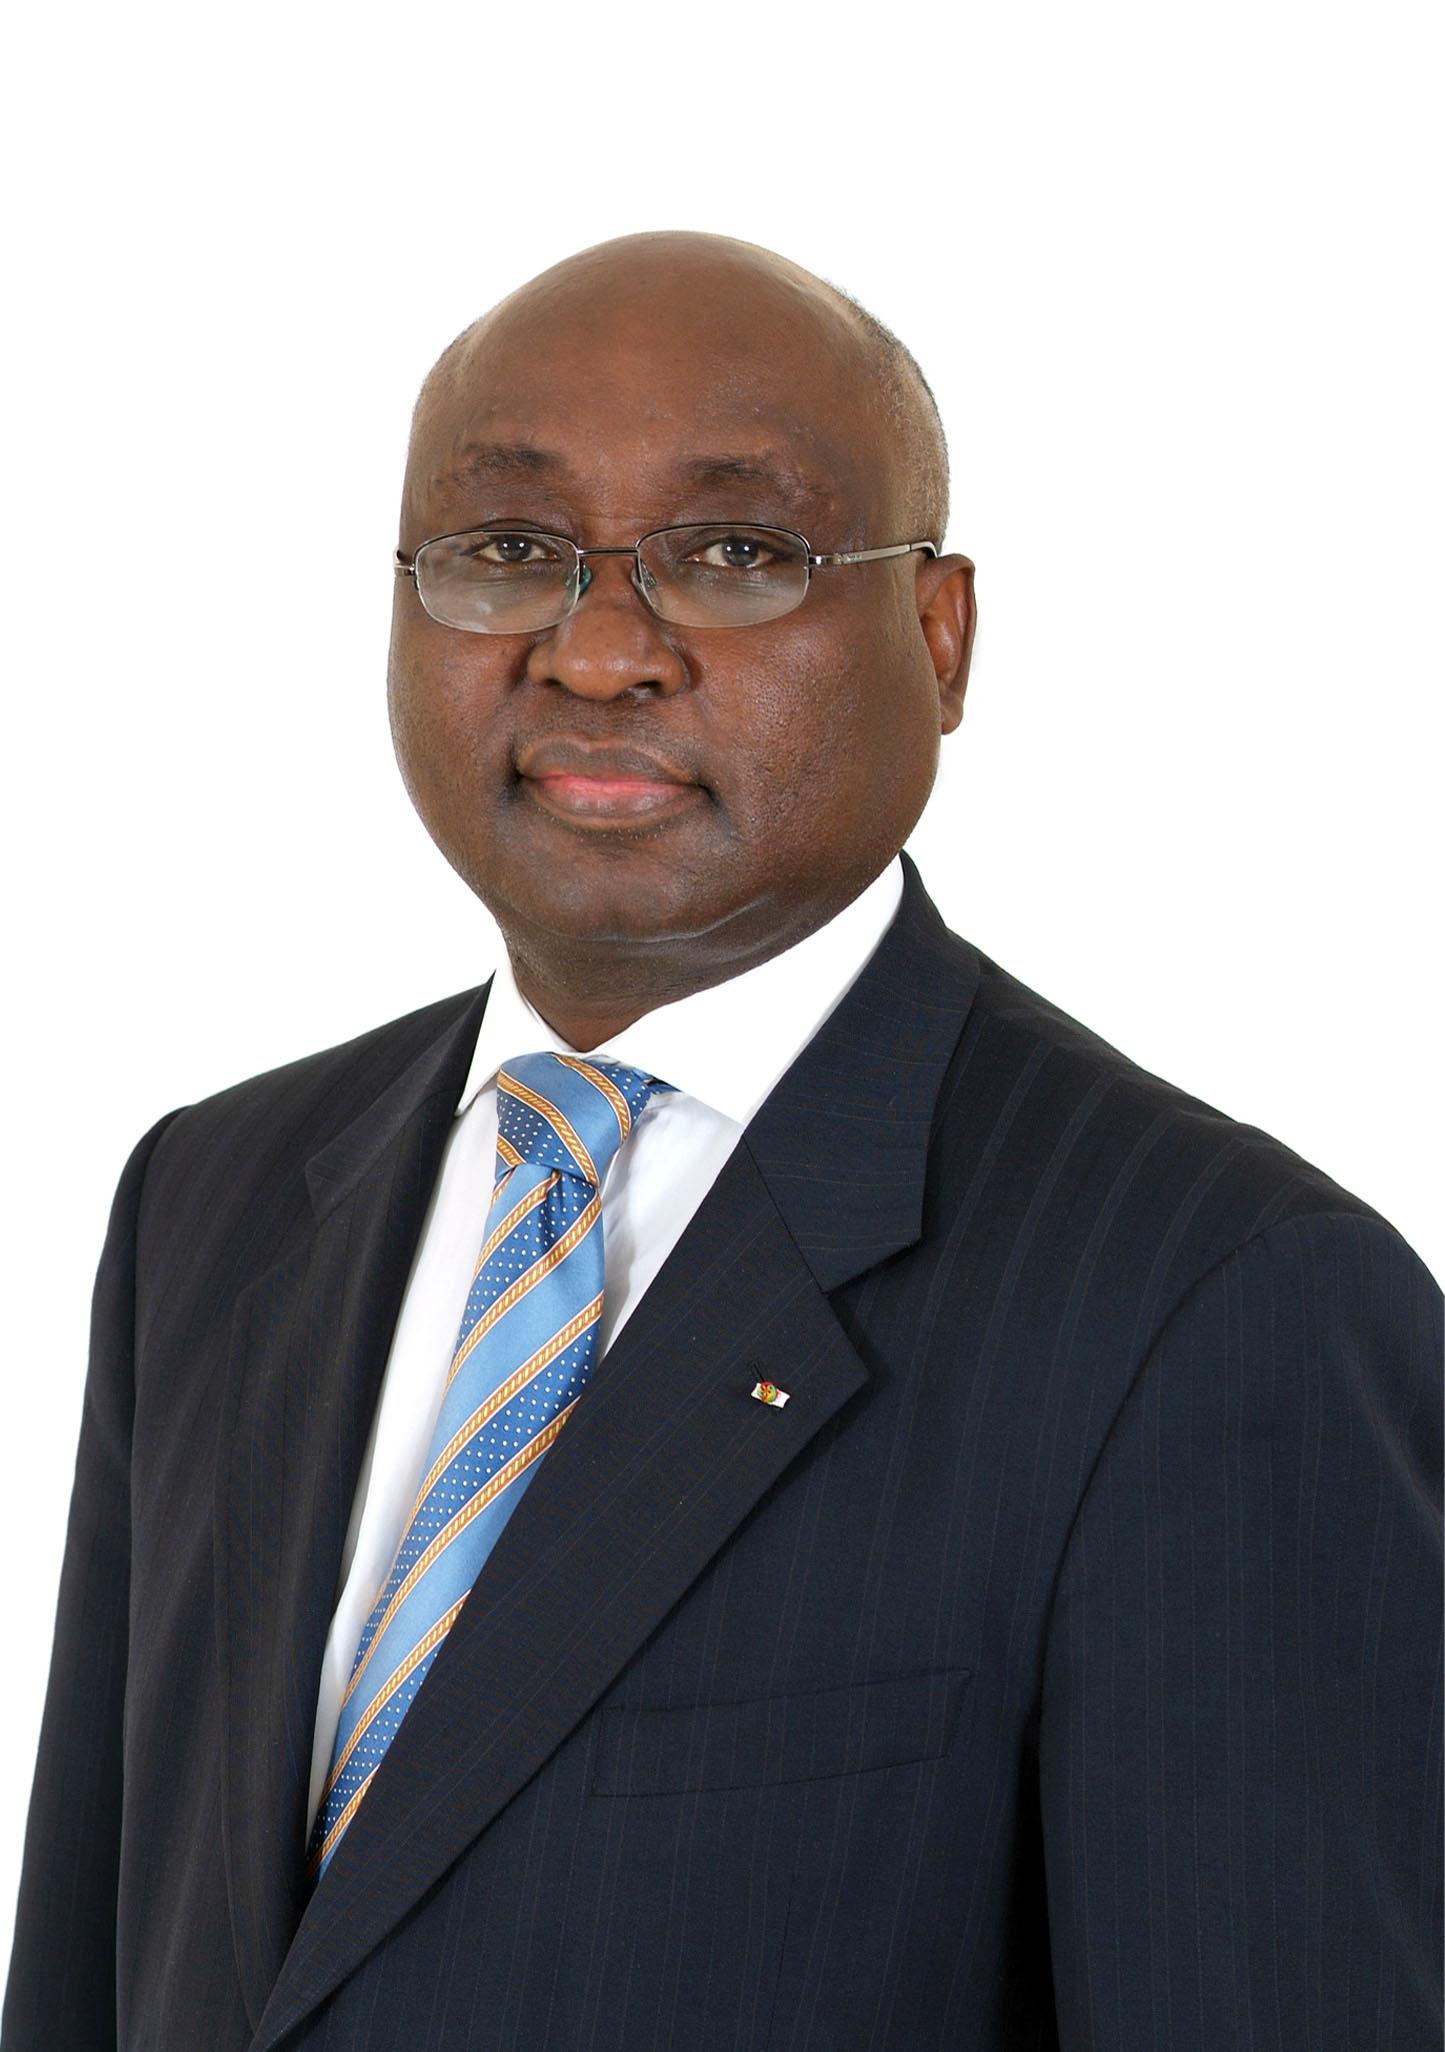 Le président de la Banque africaine de développement (BAD), Donald Kaberuka.